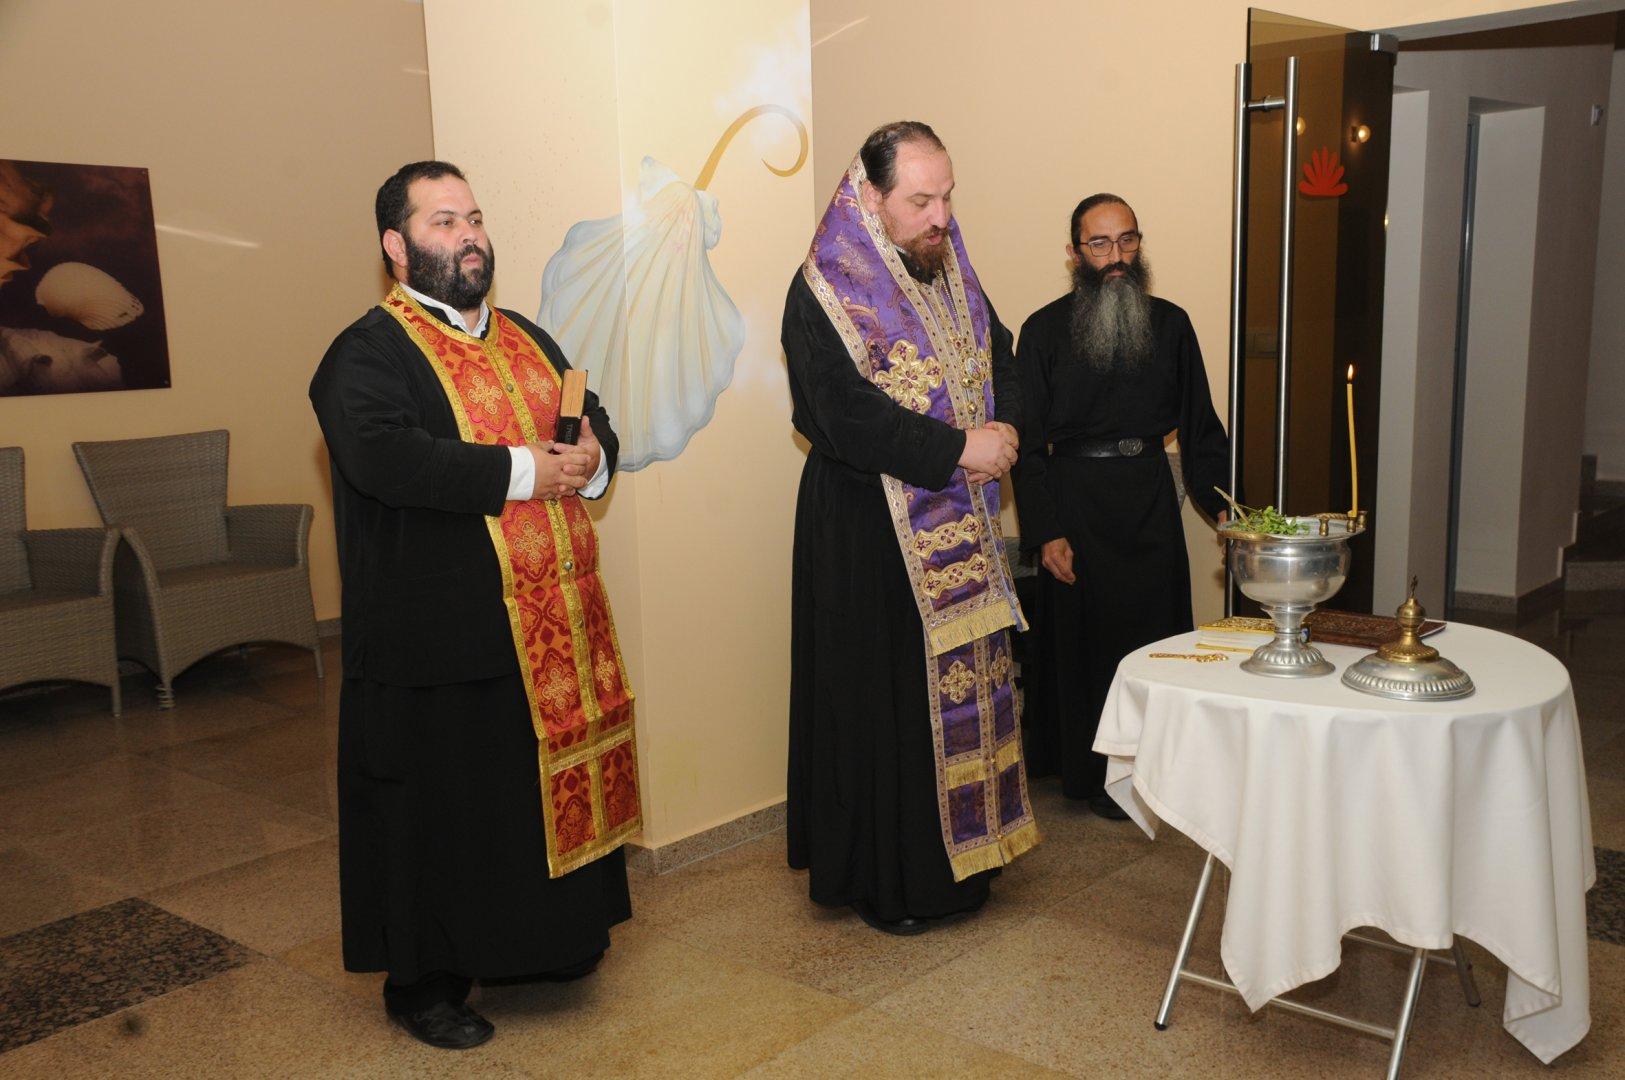 Негово Преосвещенство Агатополски епископ Иеротей извърши водосвет преди началото на срещата. Снимки Татяна Байкушева